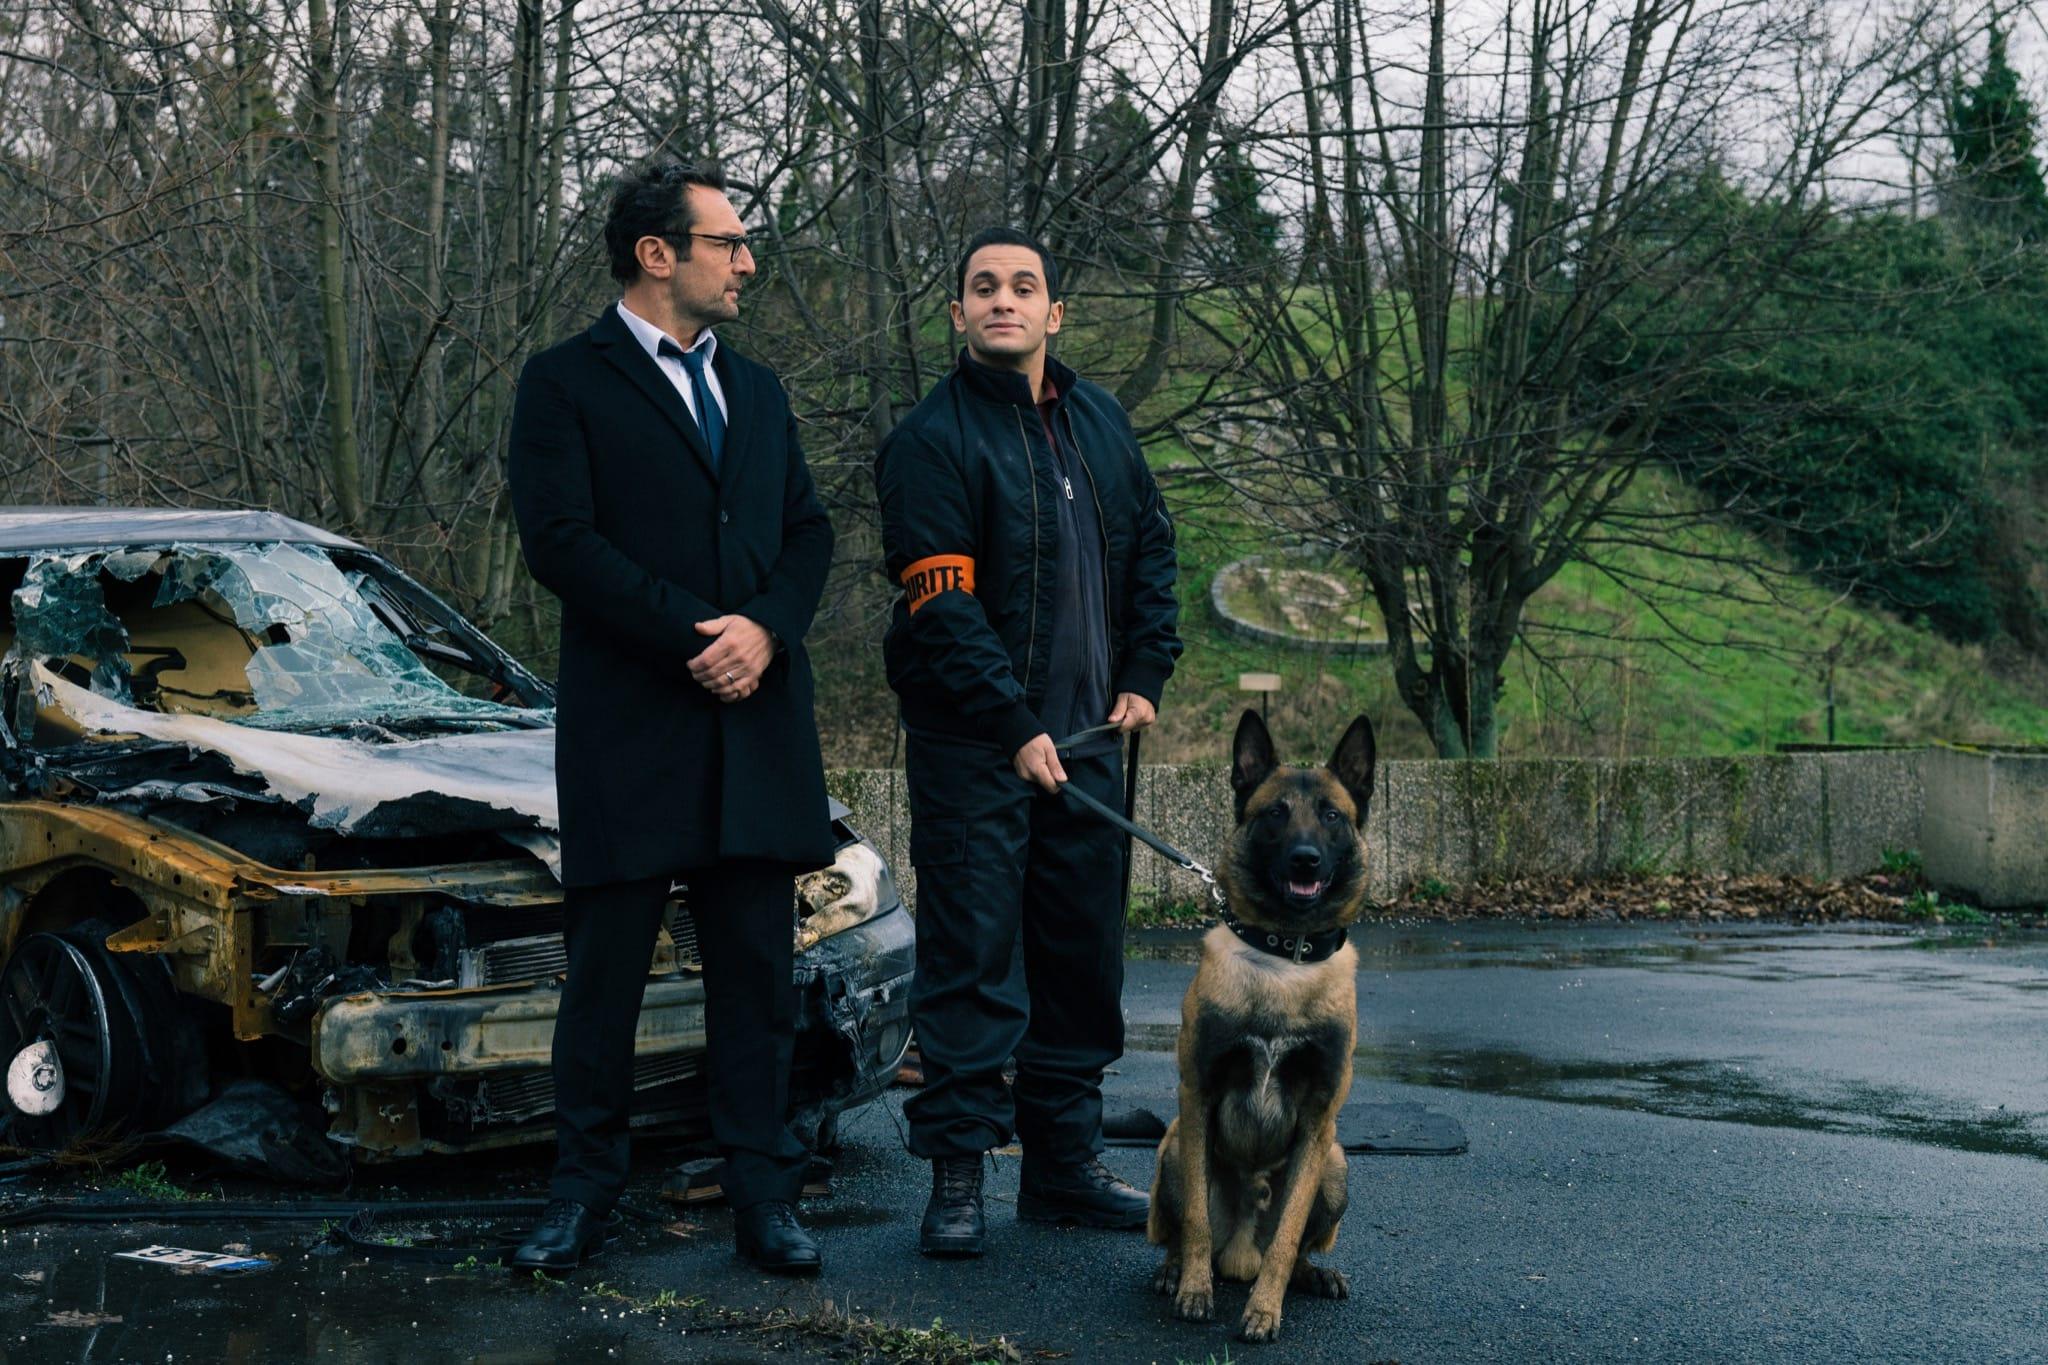 Jusqu'ici tout va bien de Mohamed Hamidi image Gilles Lellouche, Malik Bentalha cinéma